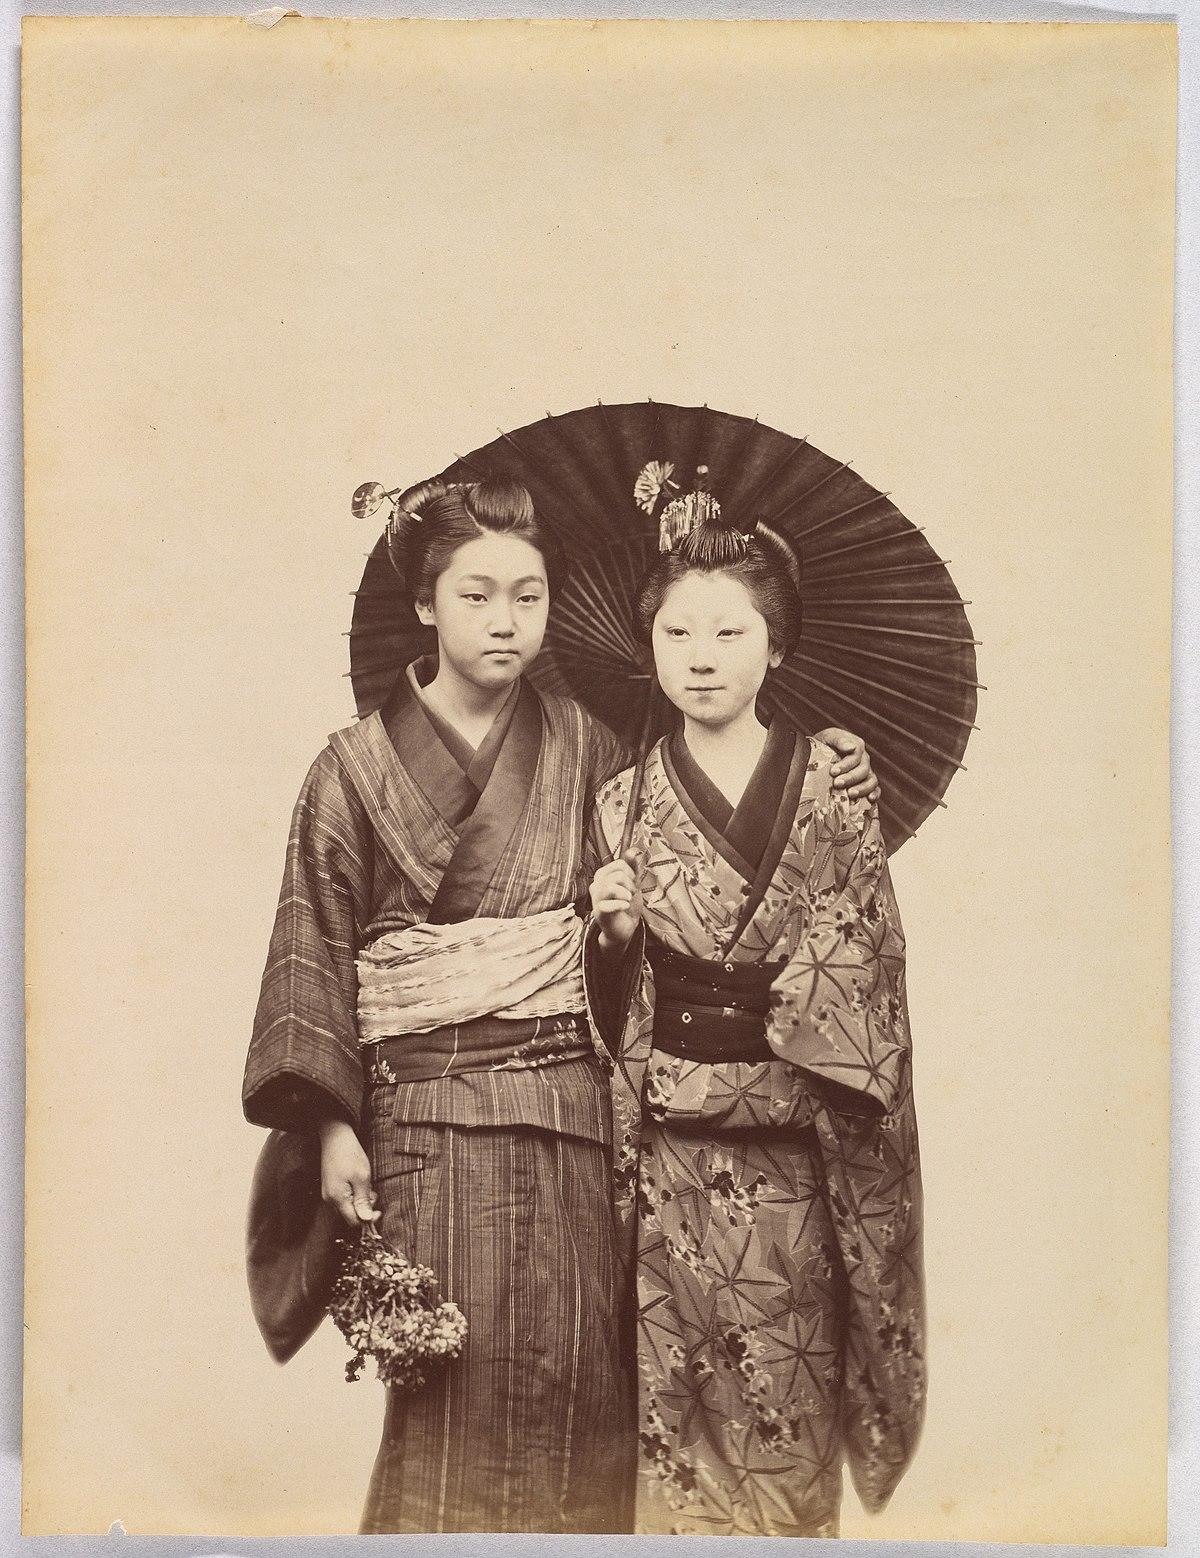 Kimono - Simple English Wikipedia, the free encyclopedia